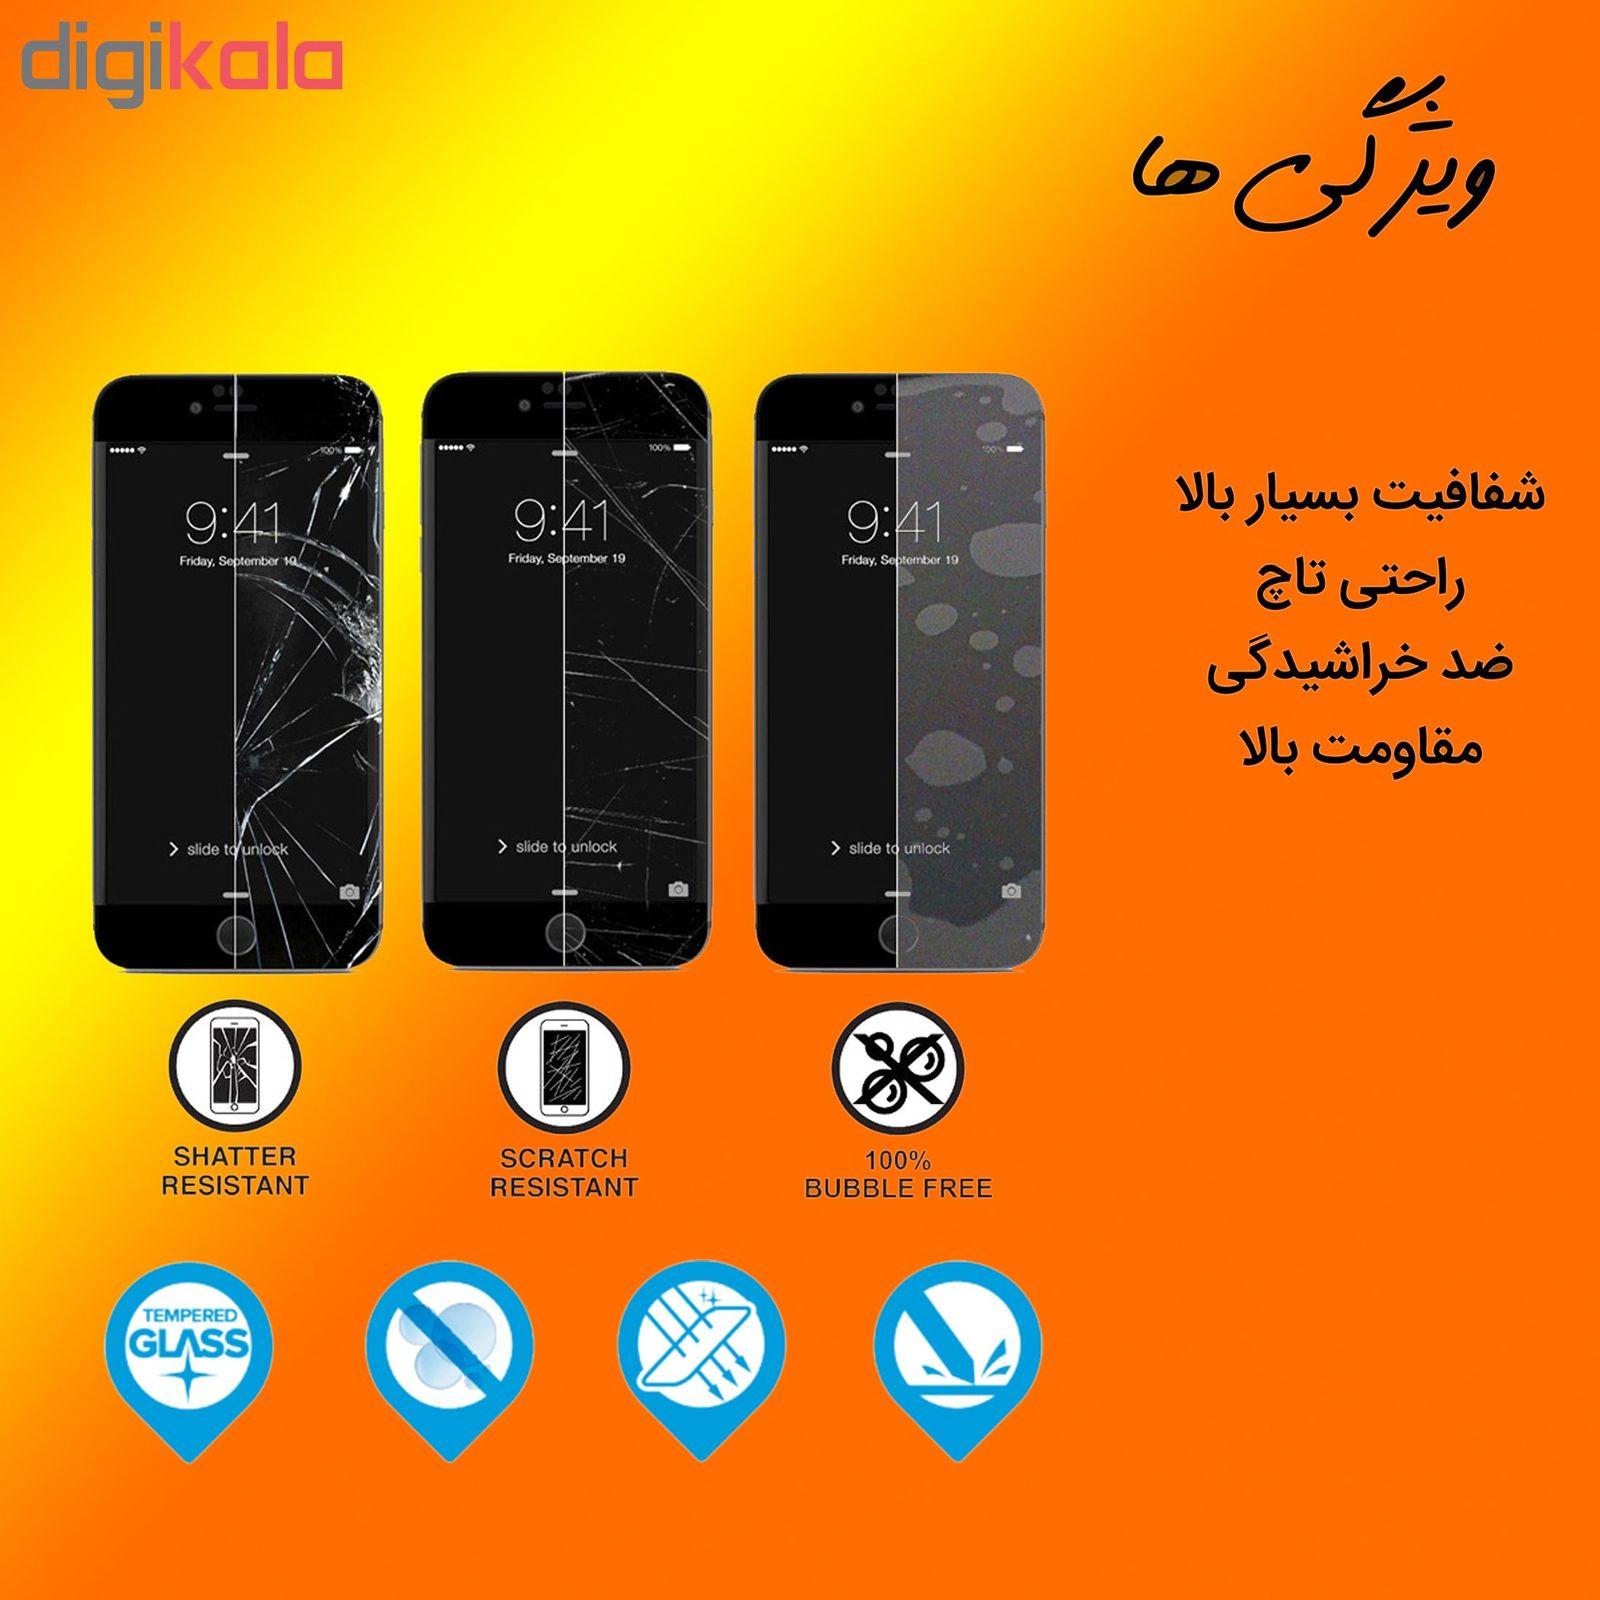 محافظ صفحه نمایش مات Hard and thick مدل F-01 مناسب برای گوشی موبایل سامسونگ Galaxy A20 main 1 2